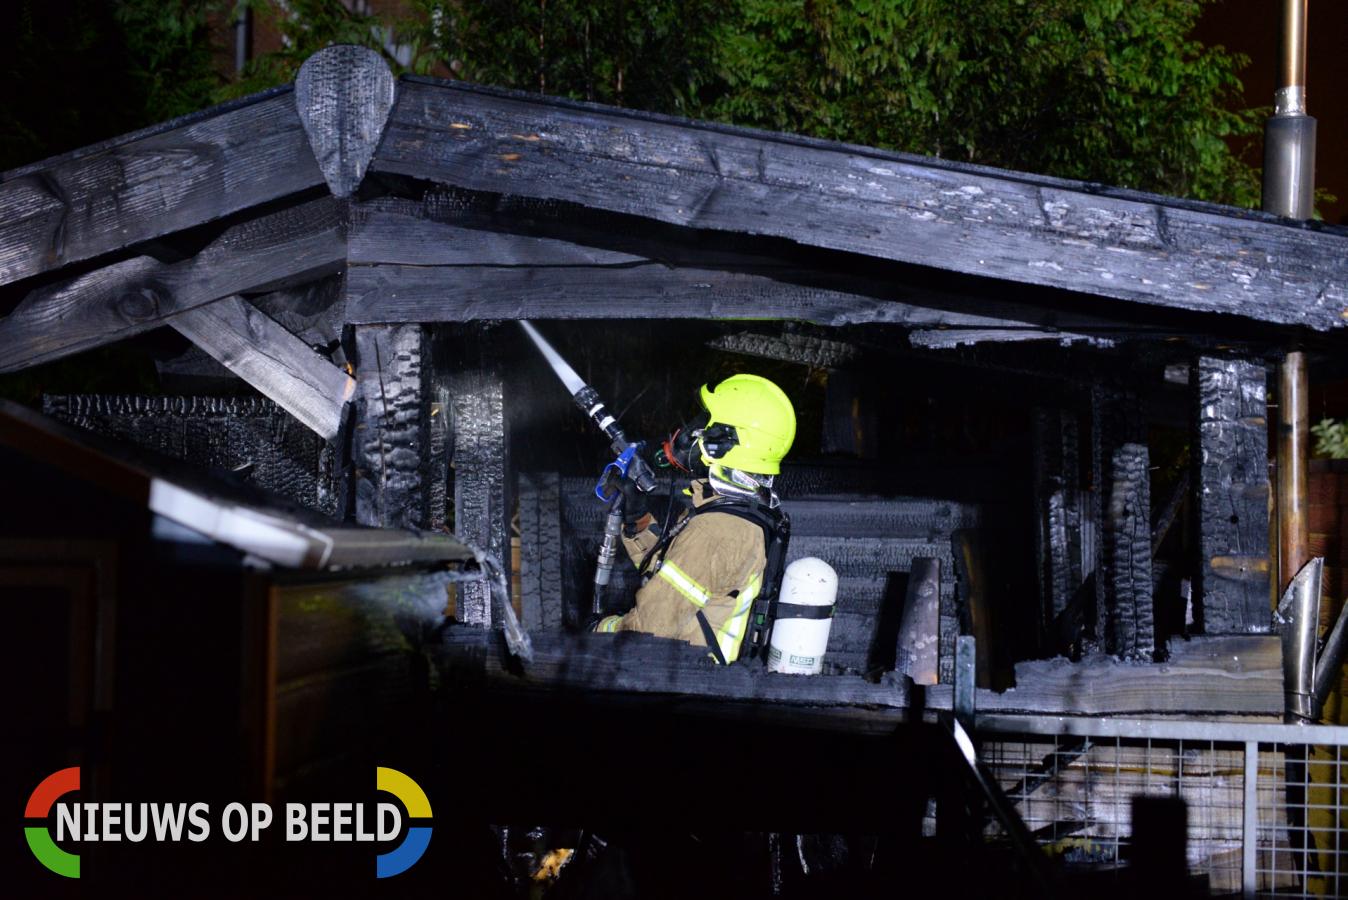 Tuinhuis brand volledig uit Mathilde Erf Capelle aan den IJssel